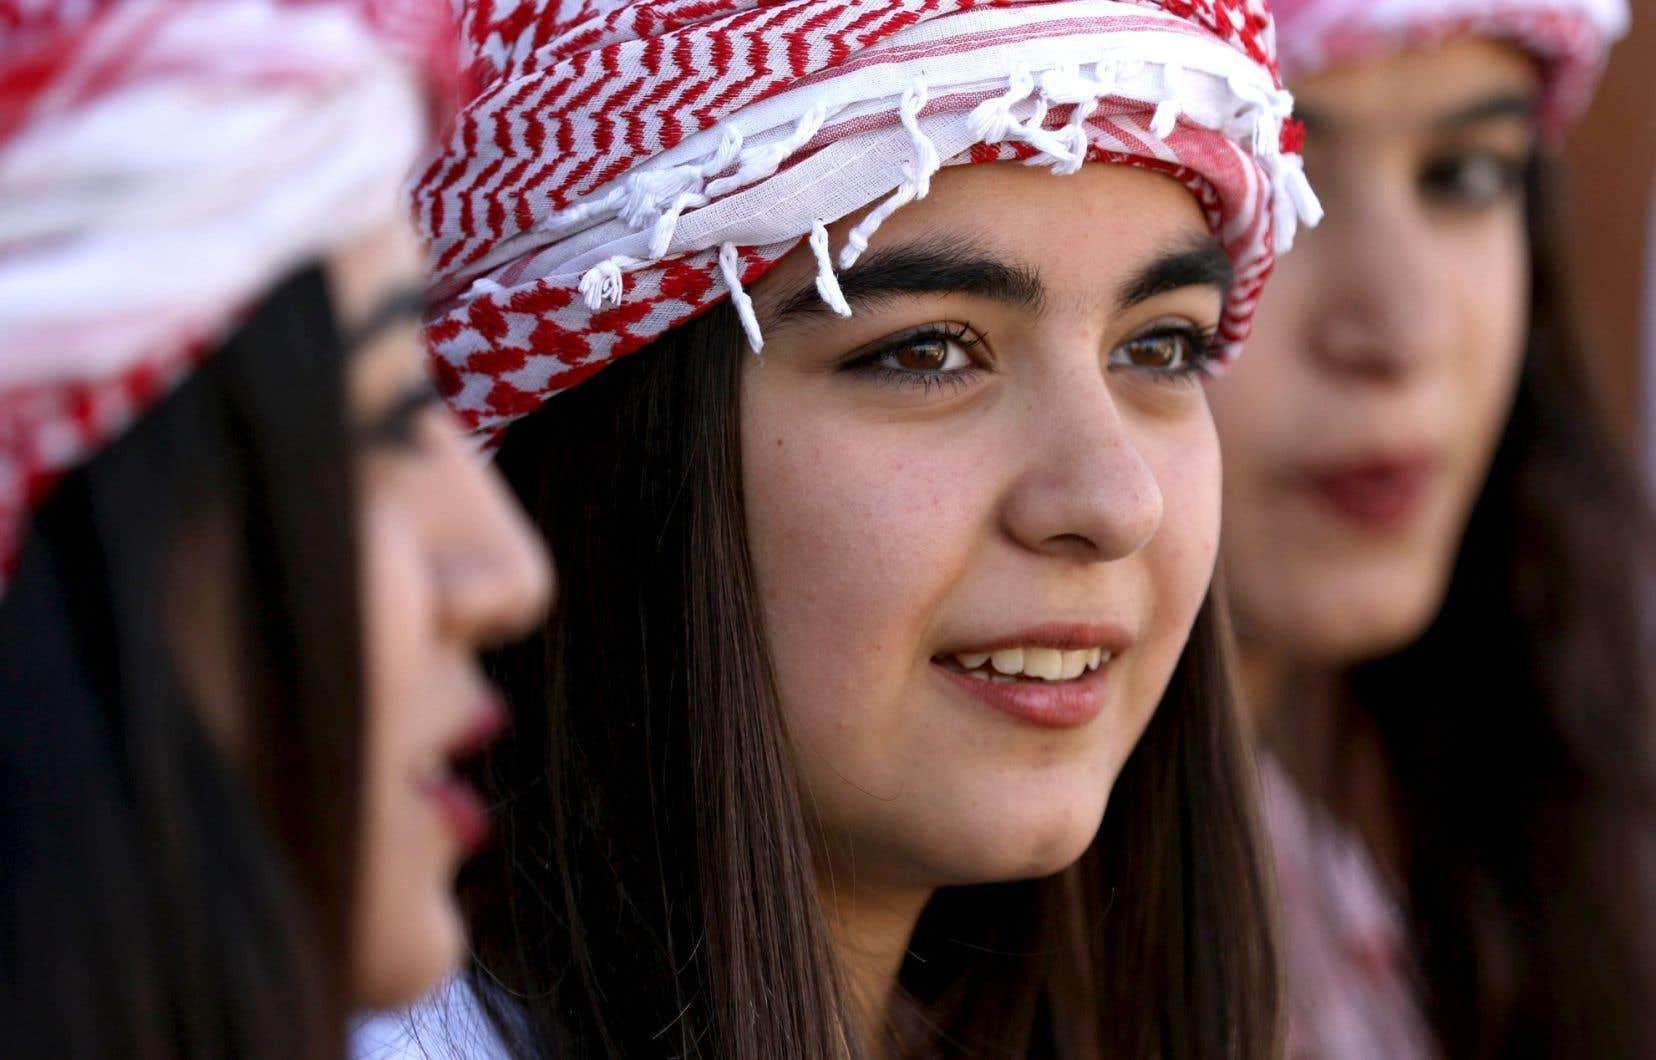 Les yézidis sont une minorité kurdophone qui a emprunté certains de ses éléments au christianisme et à l'islam.